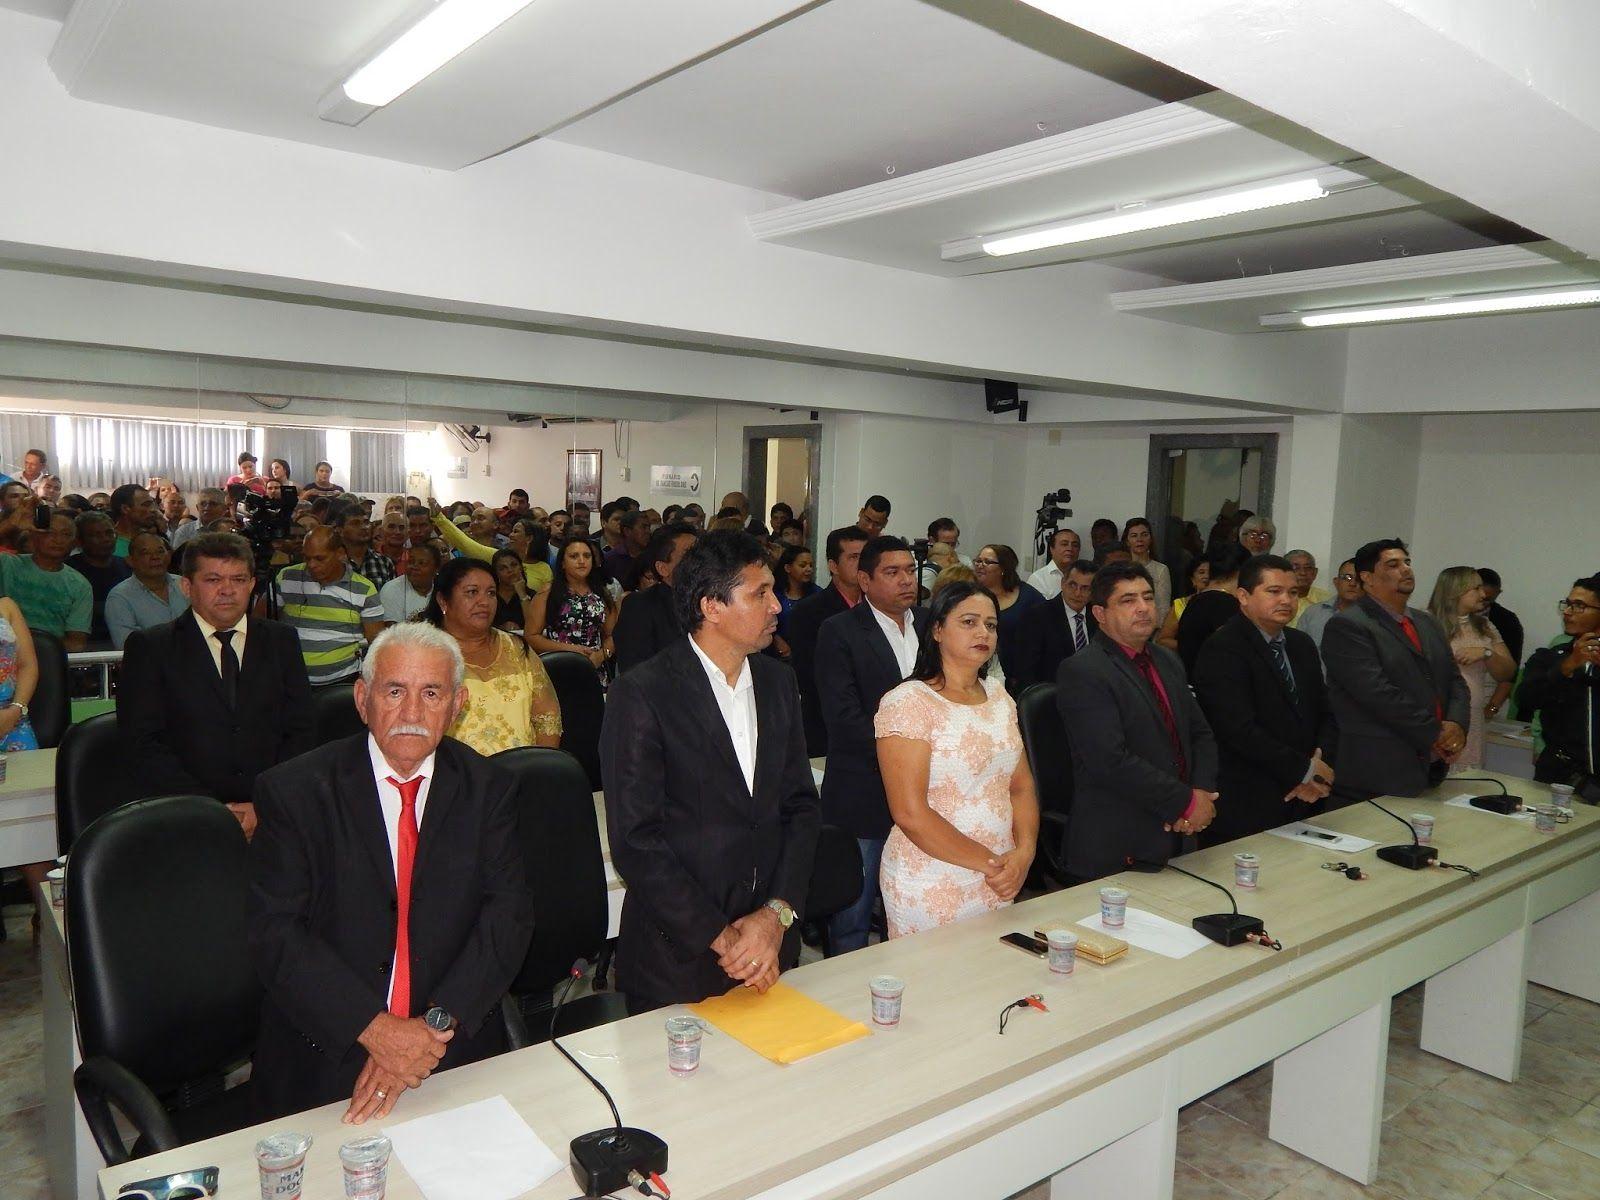 DSCN0926 - FIQUE LIGADO: Câmara Municipal realiza na tarde de hoje, primeira sessão plenária do ano - minuto barra